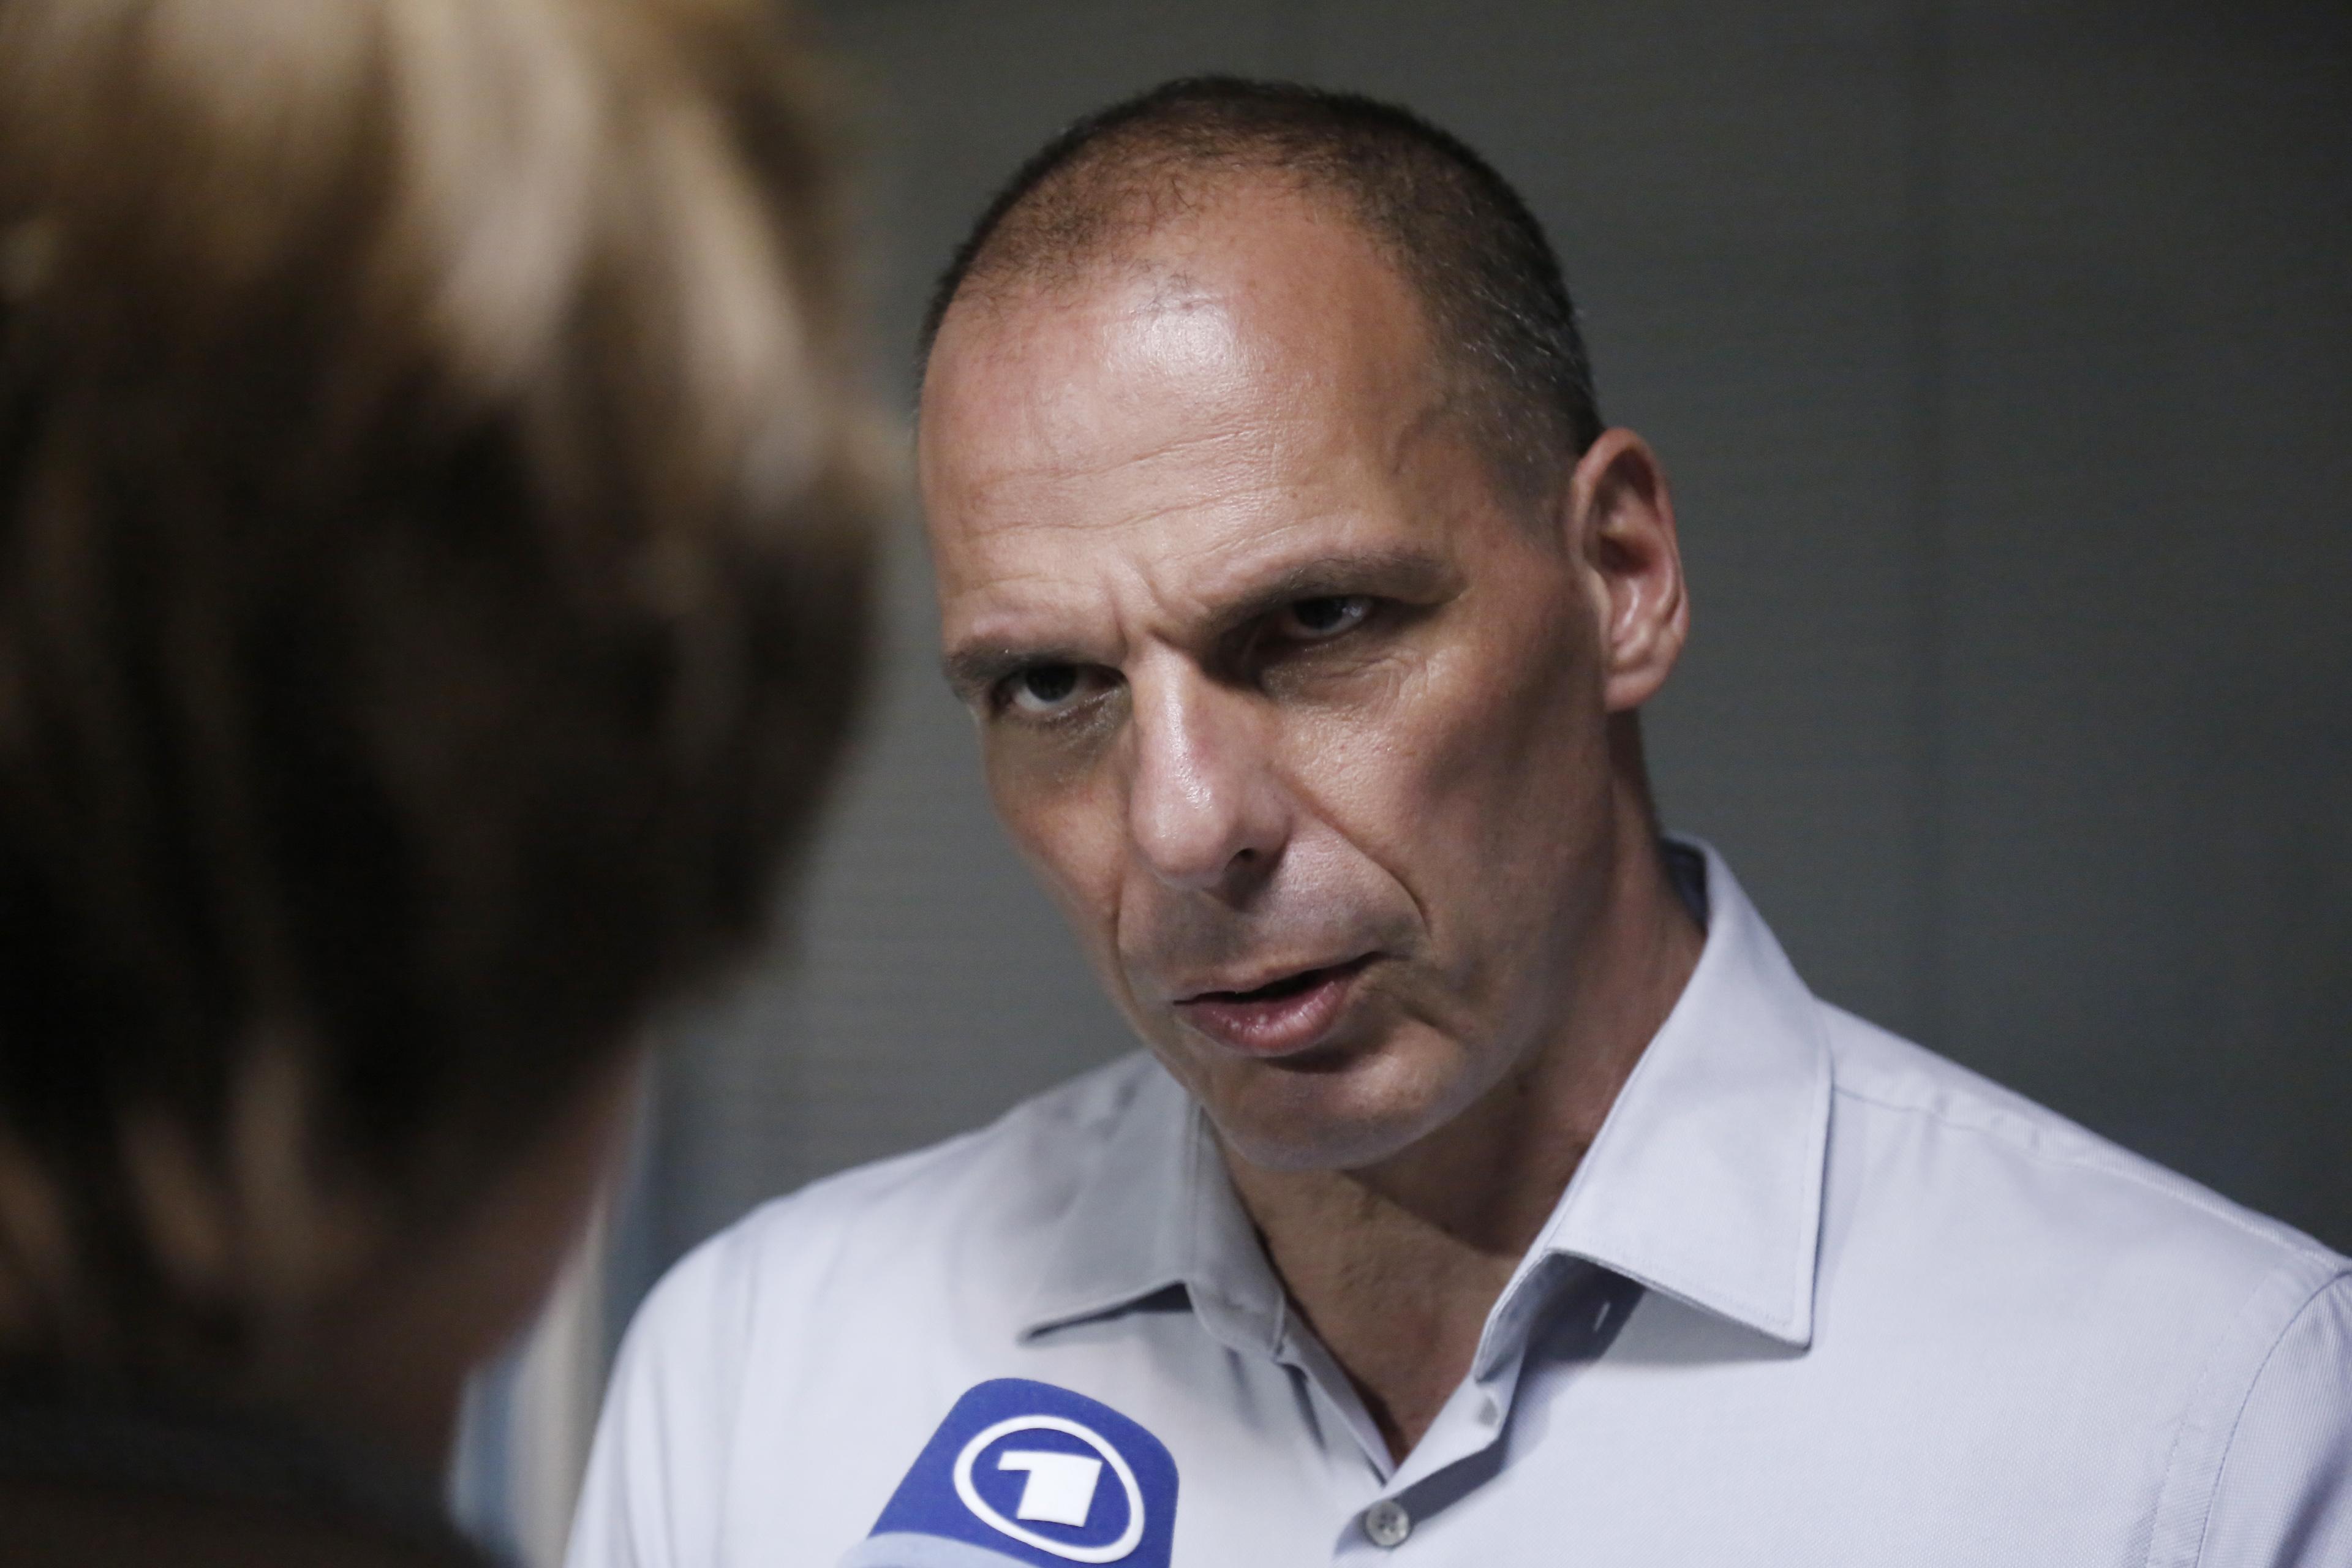 Βαρουφάκης: Στις 12 Ιουλίου η ΕΕ συνωμότησε κατά του Τσίπρα   tovima.gr